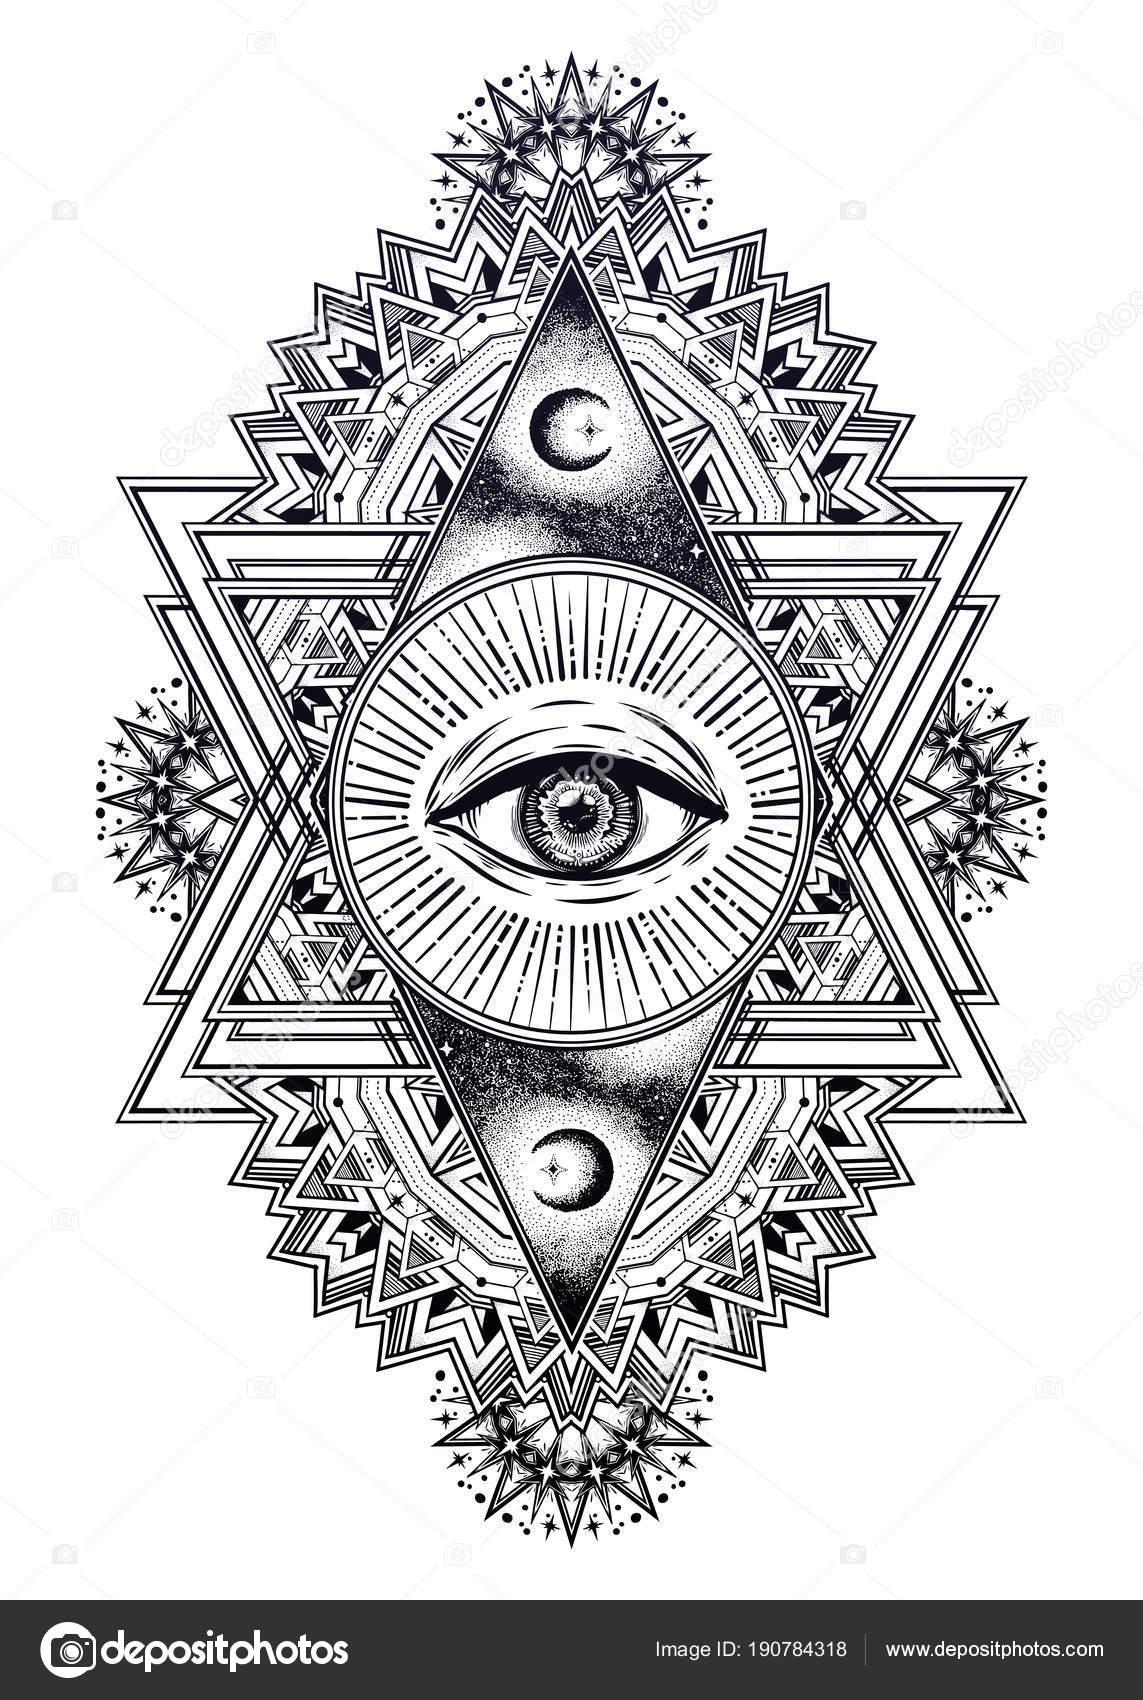 Eye For Design Bohemian Interiors And Accessories: Composizione Di Triangolo Con L'occhio Di Geometria Sacra